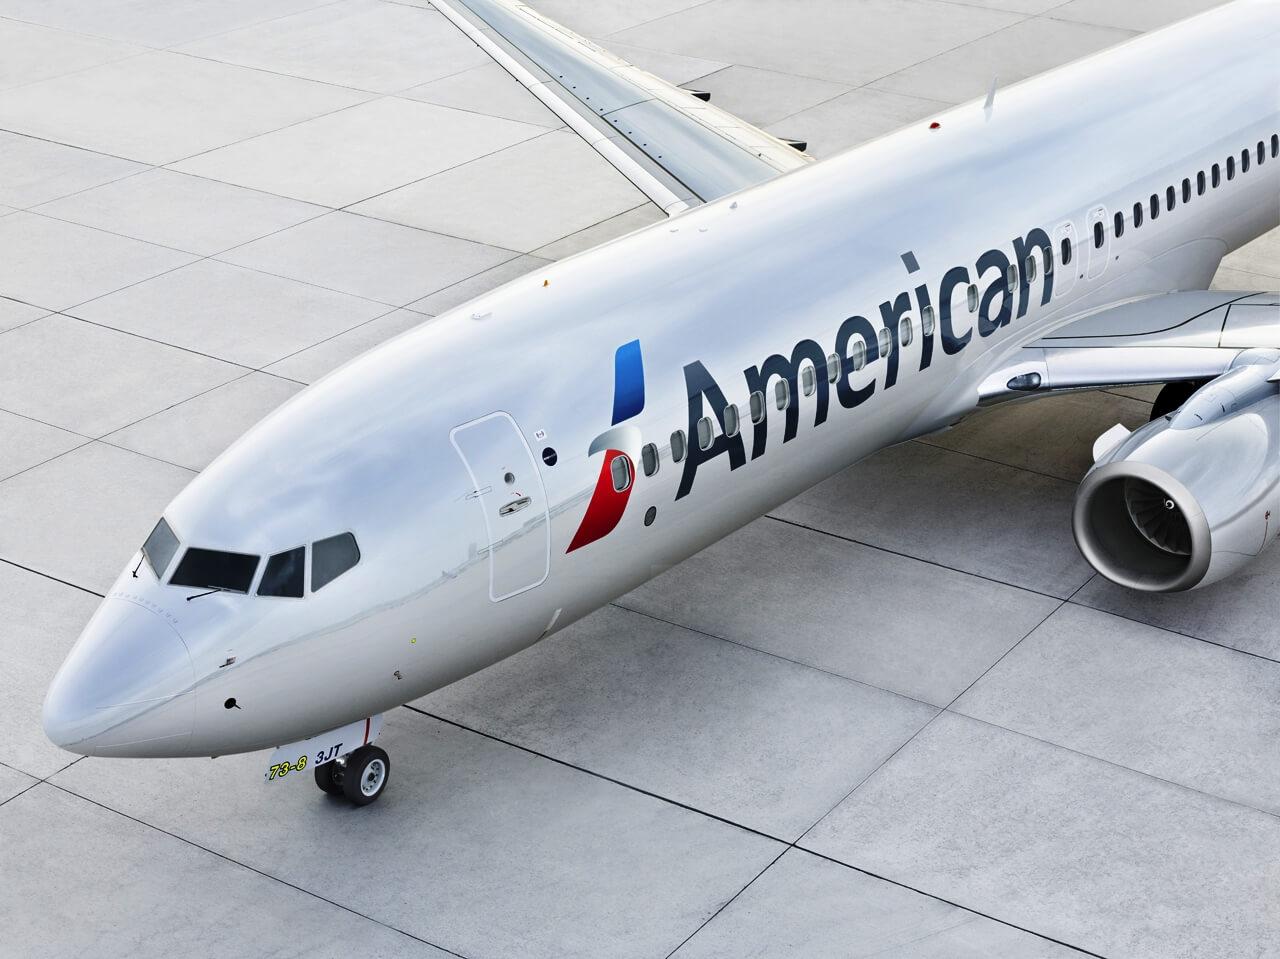 American Airlines (hãng hàng không Hoa Kỳ) là một trong ba hãng hàng không hàng đầu tại Mỹ